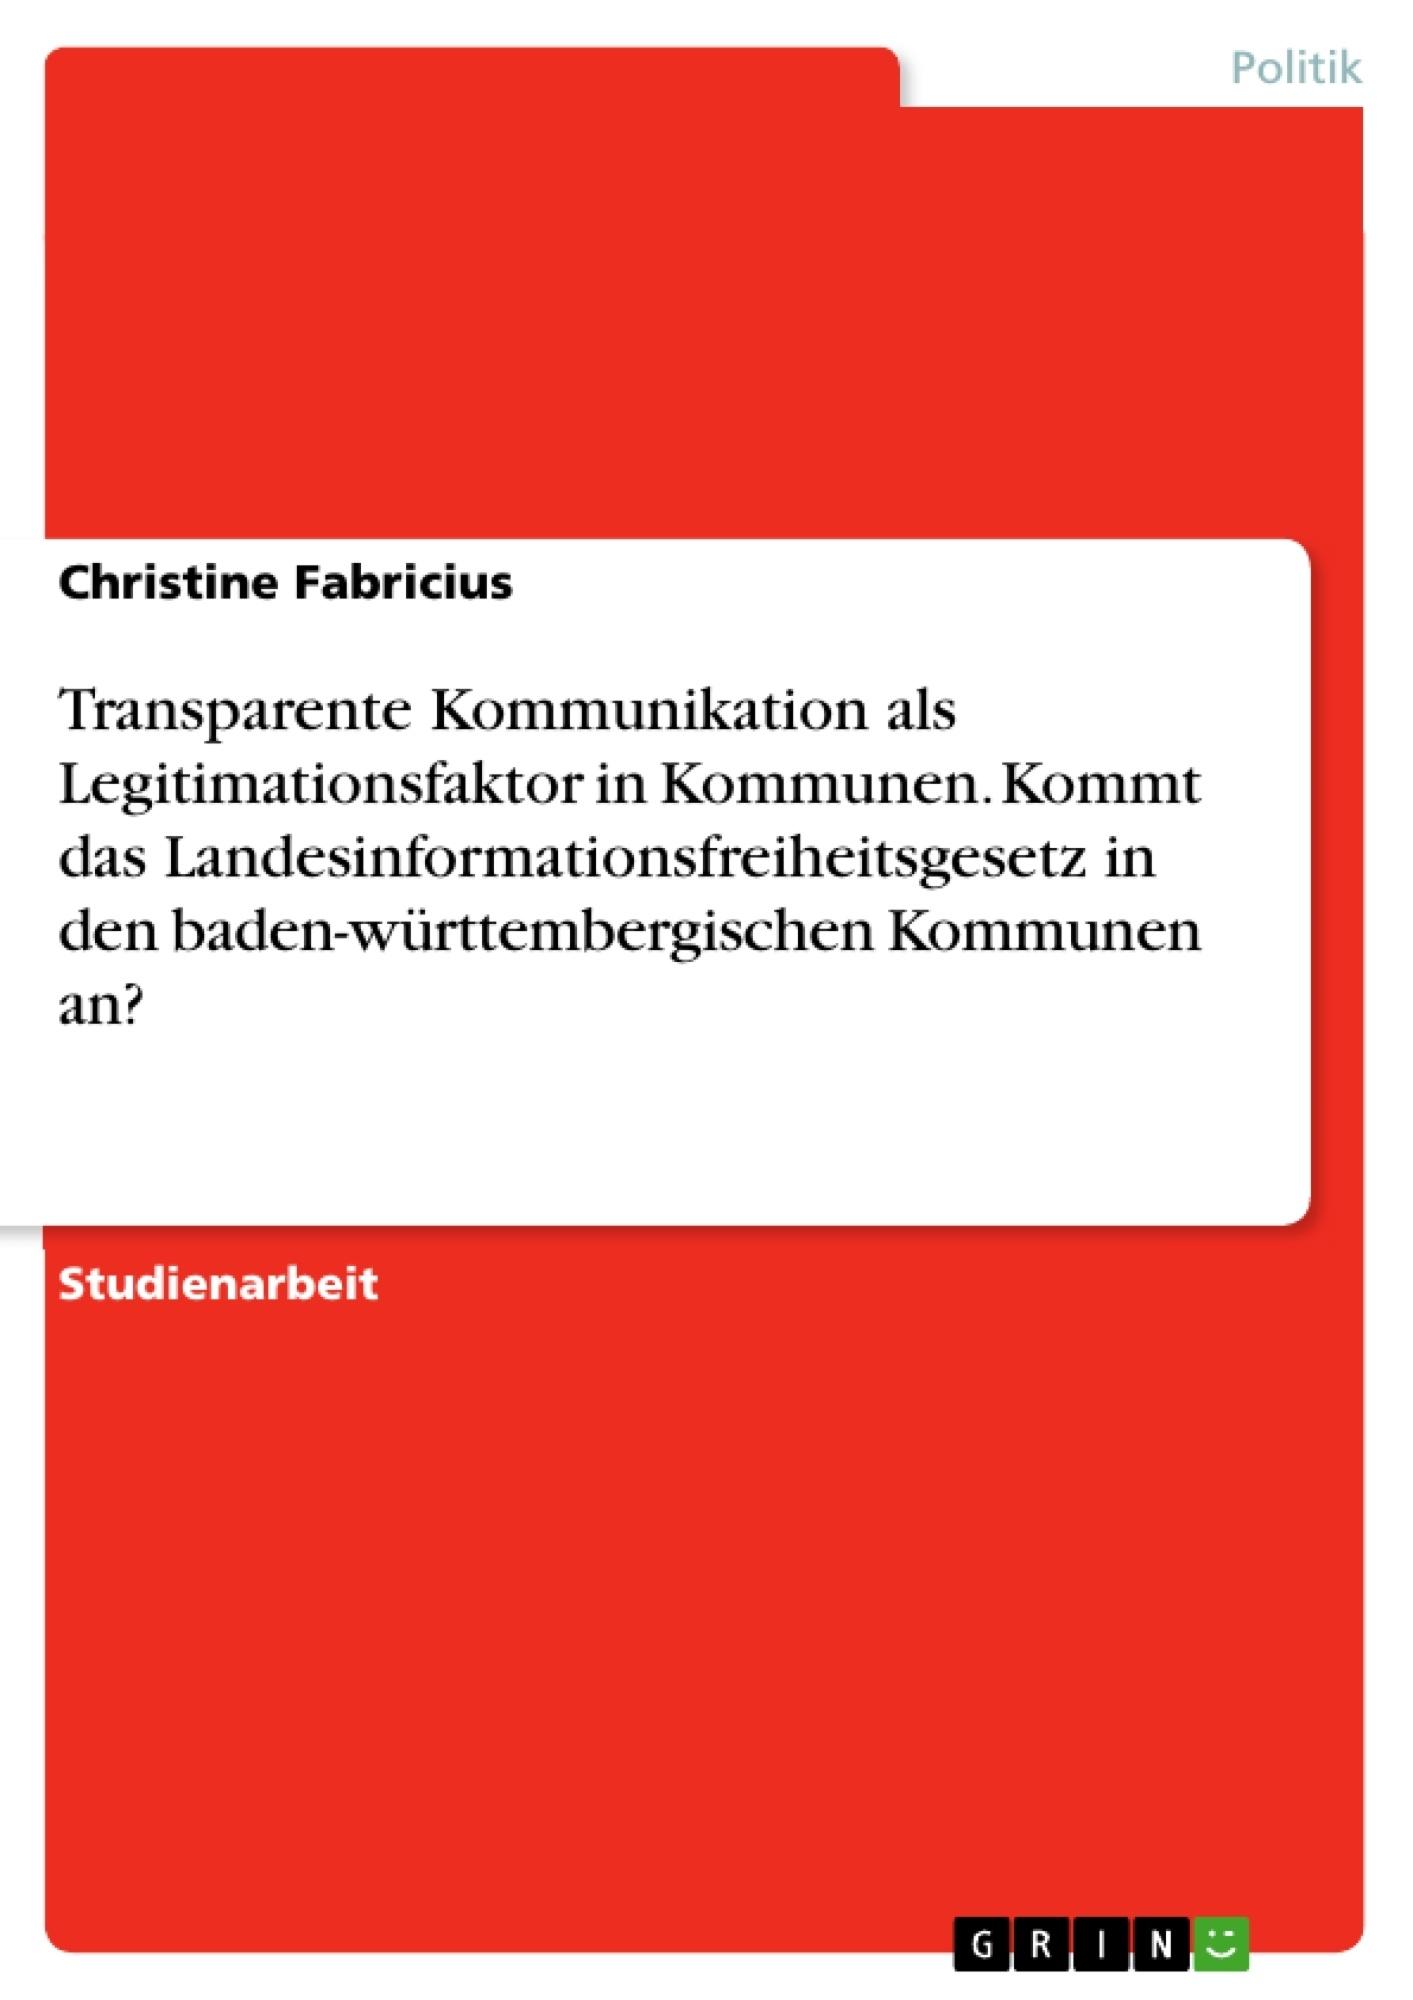 Titel: Transparente Kommunikation als Legitimationsfaktor in Kommunen. Kommt das Landesinformationsfreiheitsgesetz in den baden-württembergischen Kommunen an?